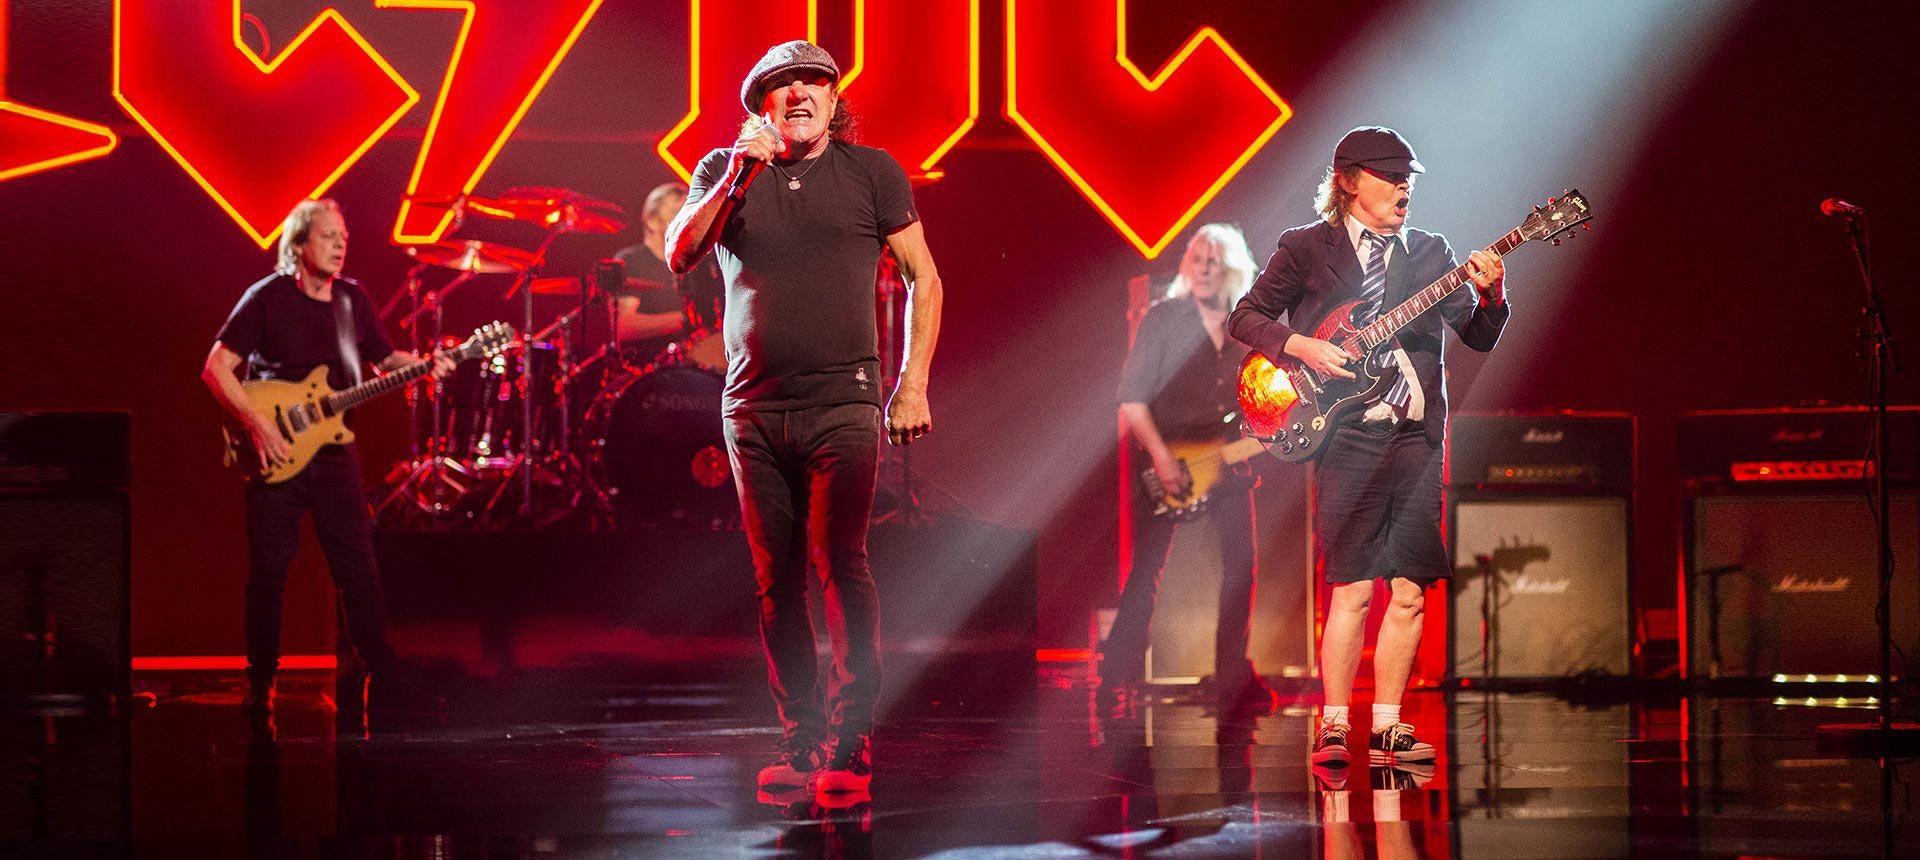 Bestätigt AC / DC ihre Rückkehr für 2020 mit Brian Johnson?